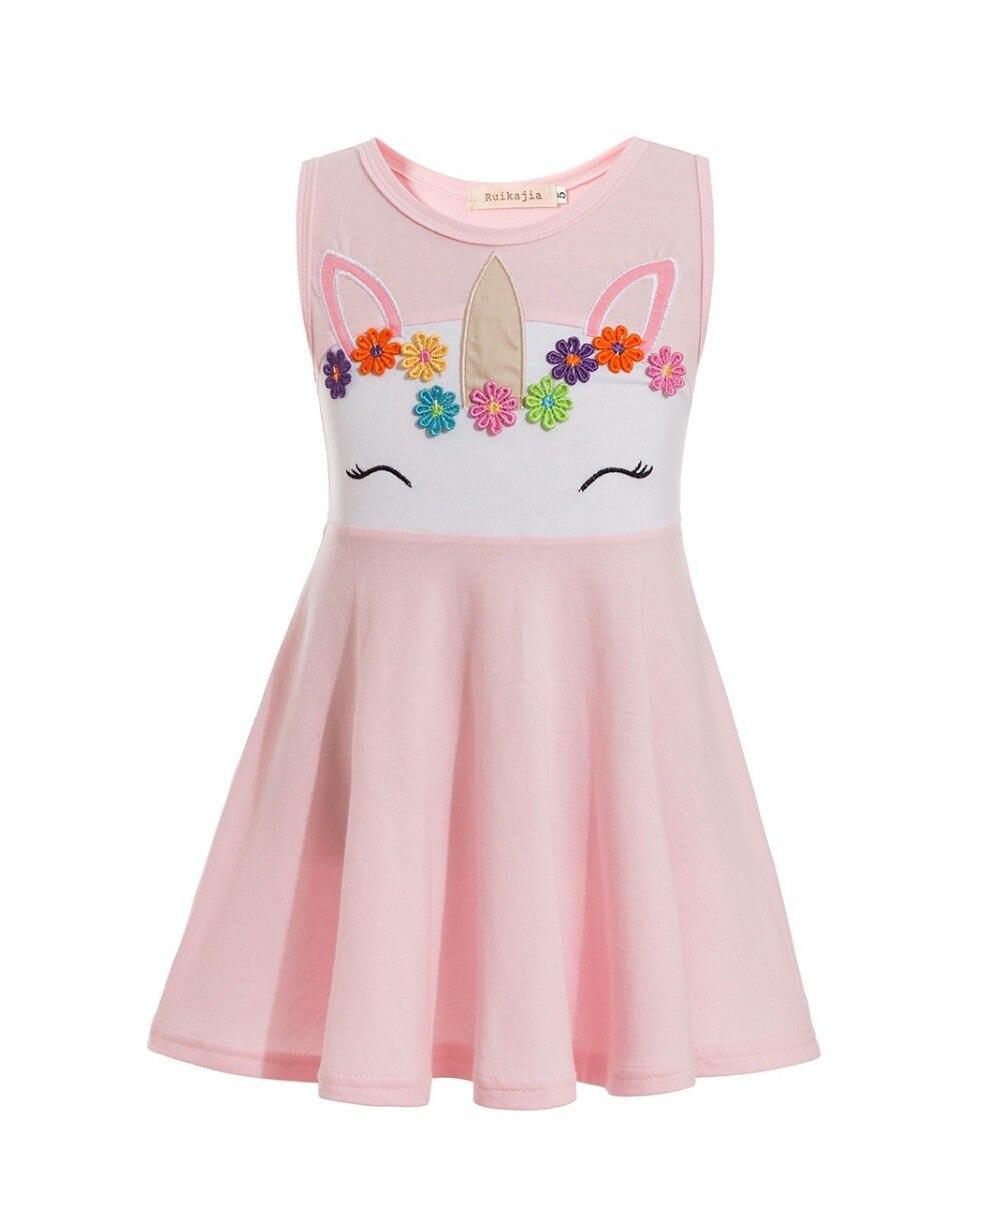 Robe pour fille masha et ours vêtements enfants d'été petit poney costume pour enfants vêtements licorne filles 11 ans comunion